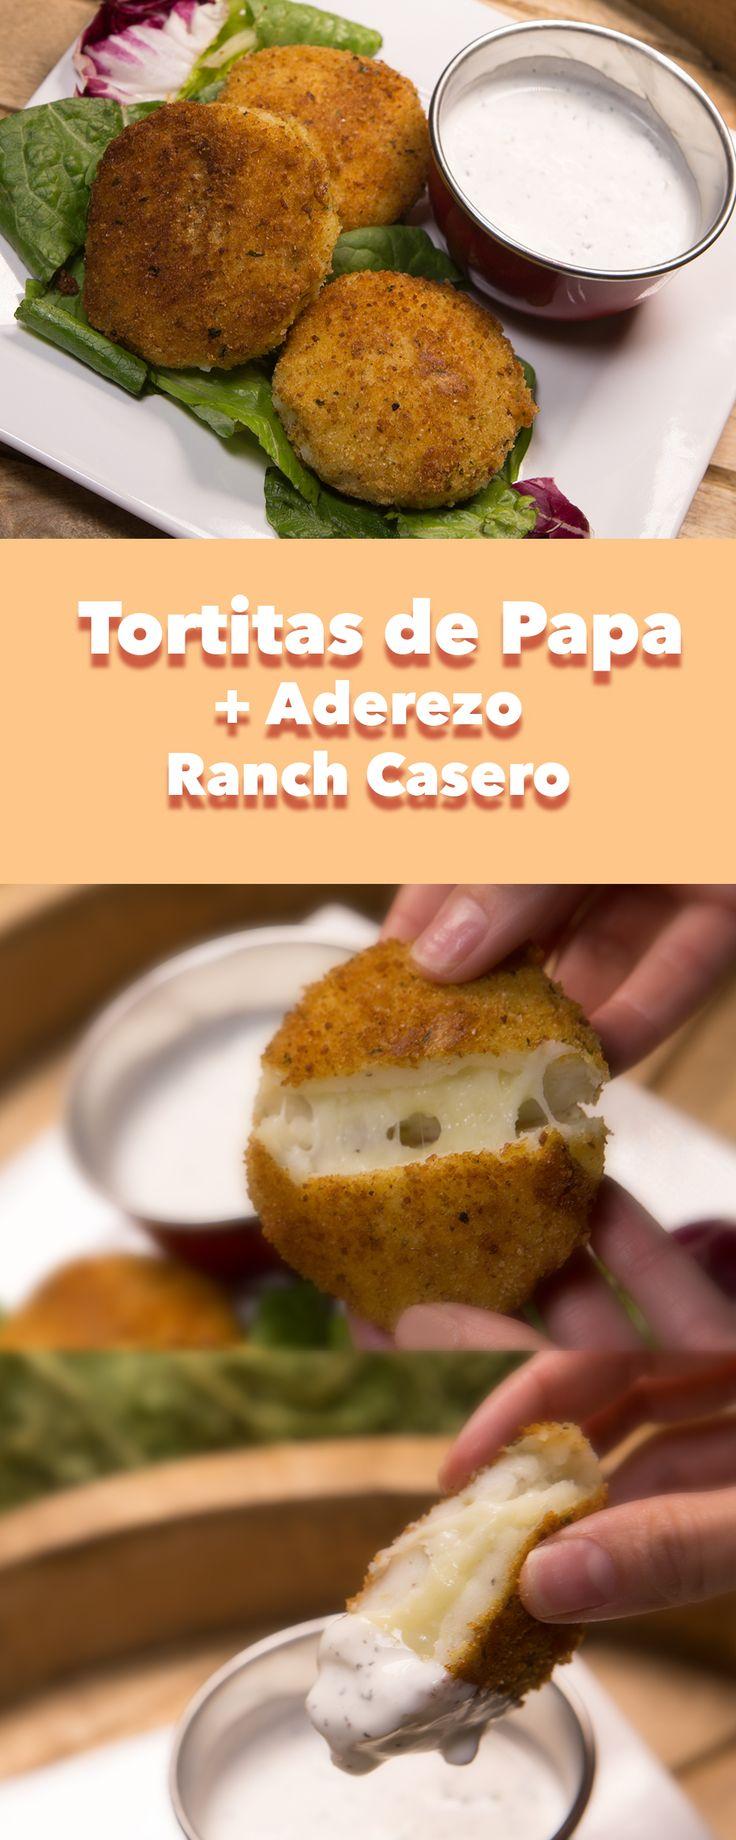 """Tortitas de papa con queso jalapeño, acompañadas de in rico aderezo ranch casero!!  para ver la receta complete, visita nuestro canal de youtube """"novateando en la cocina"""""""